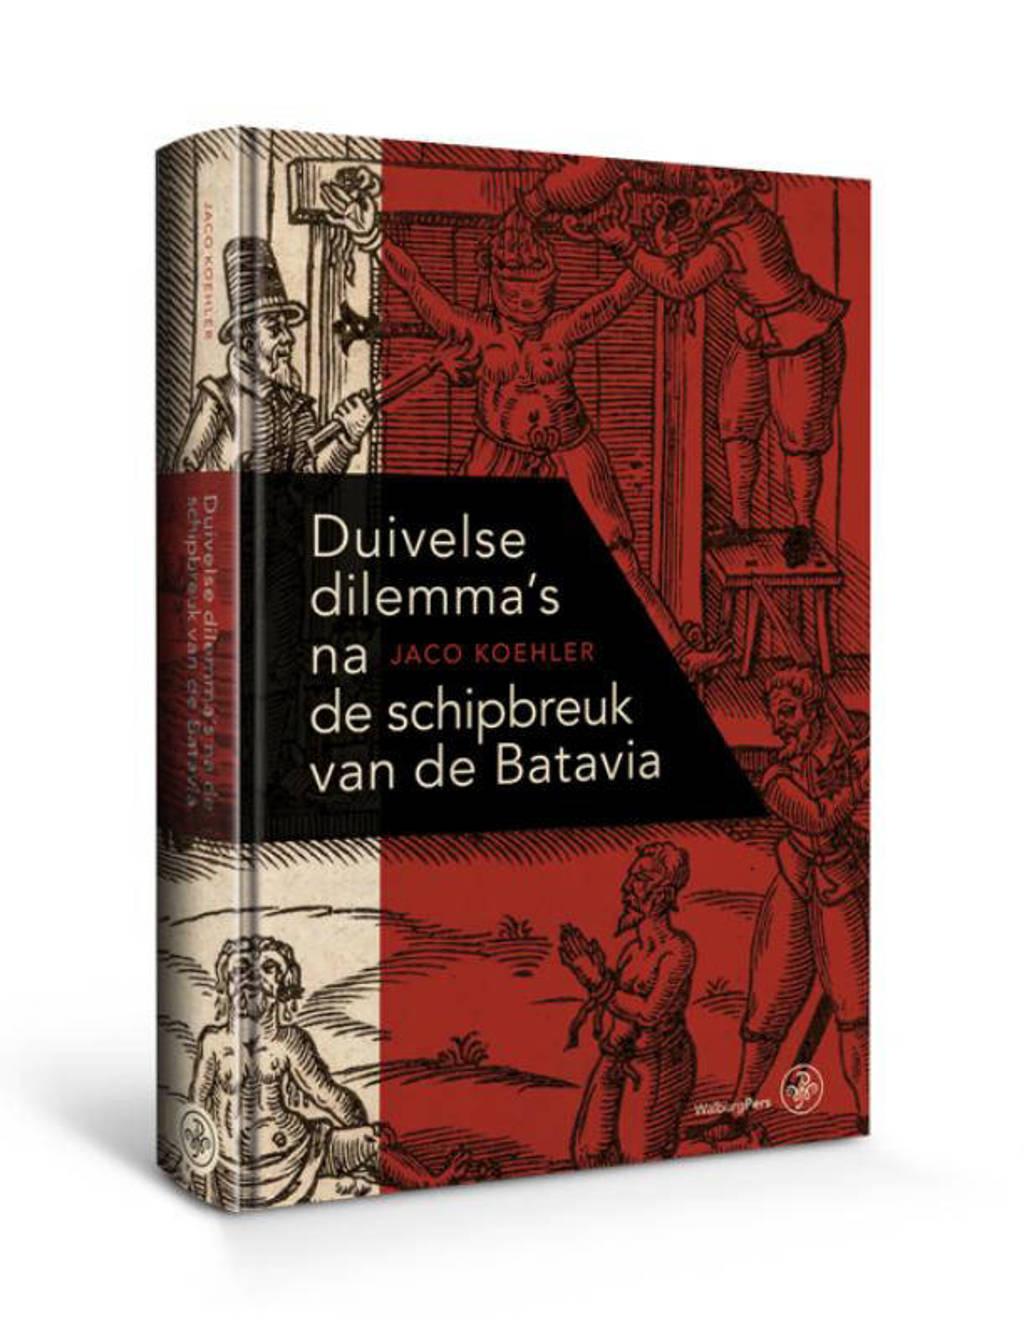 Duivelse dilemma's na de schipbreuk van de Batavia - Jaco Koehler